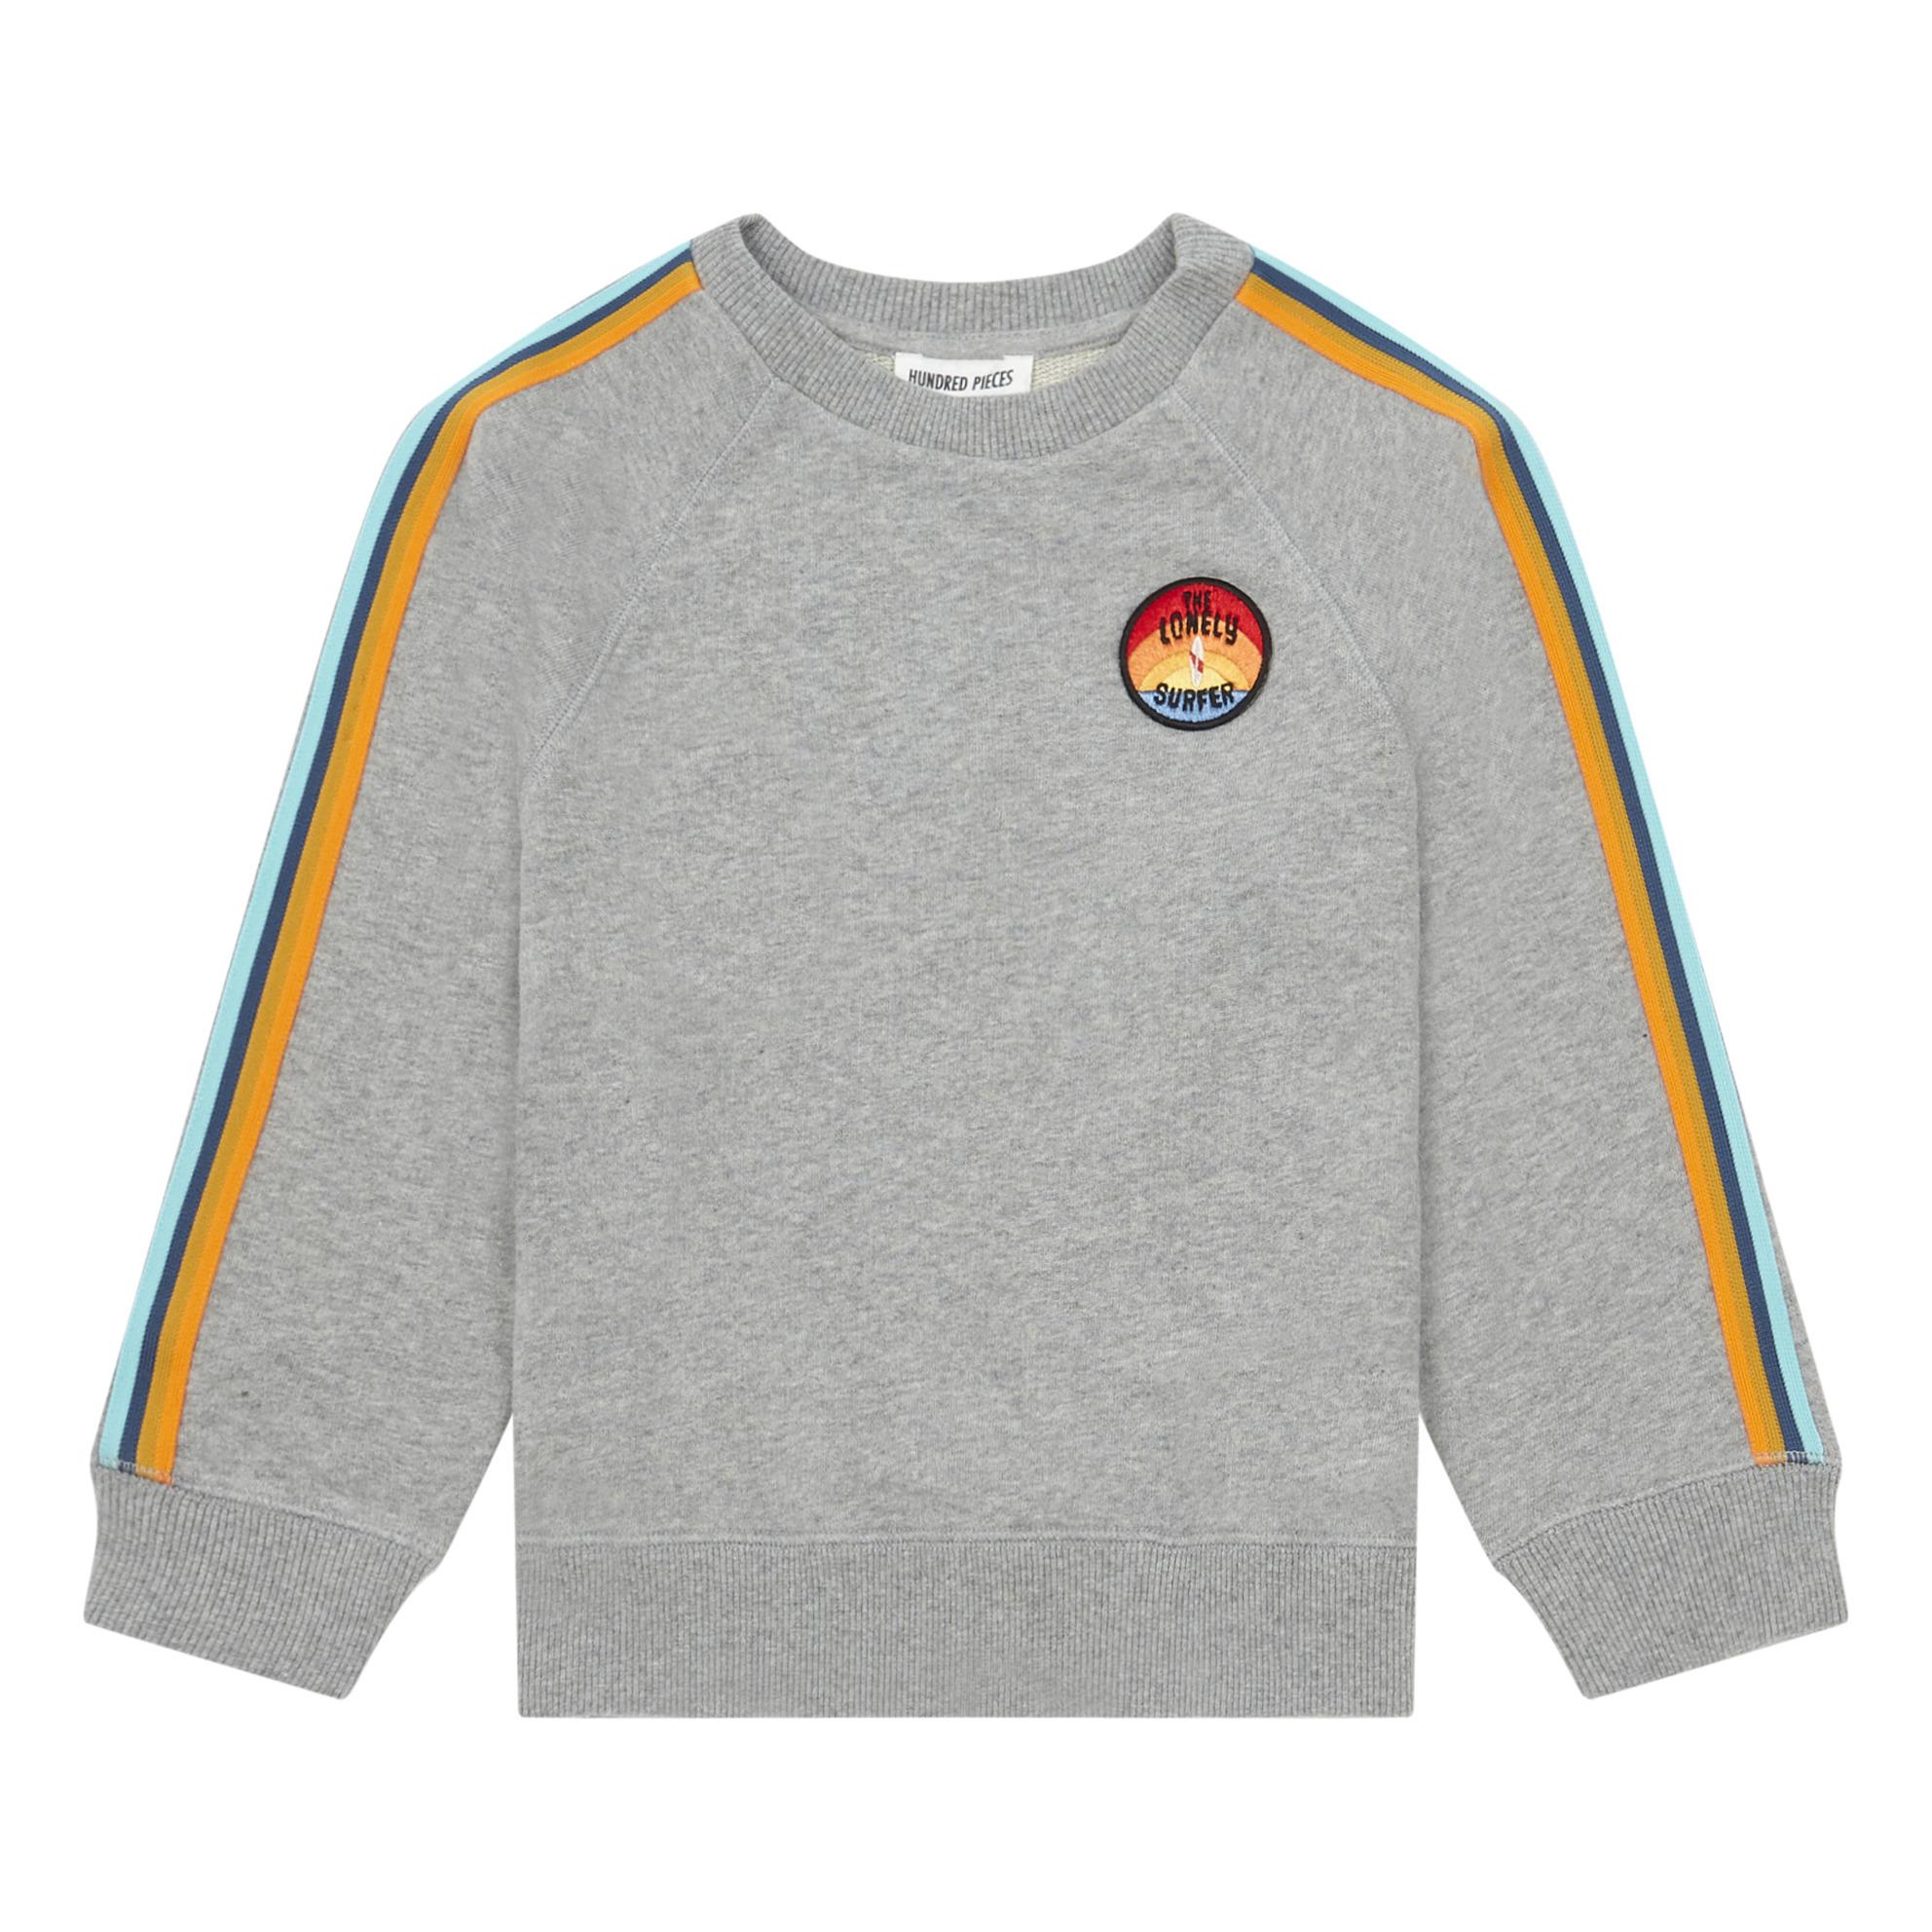 Sweatshirt Bio-Baumwolle Surfer Must-Have Vorschlag 4210